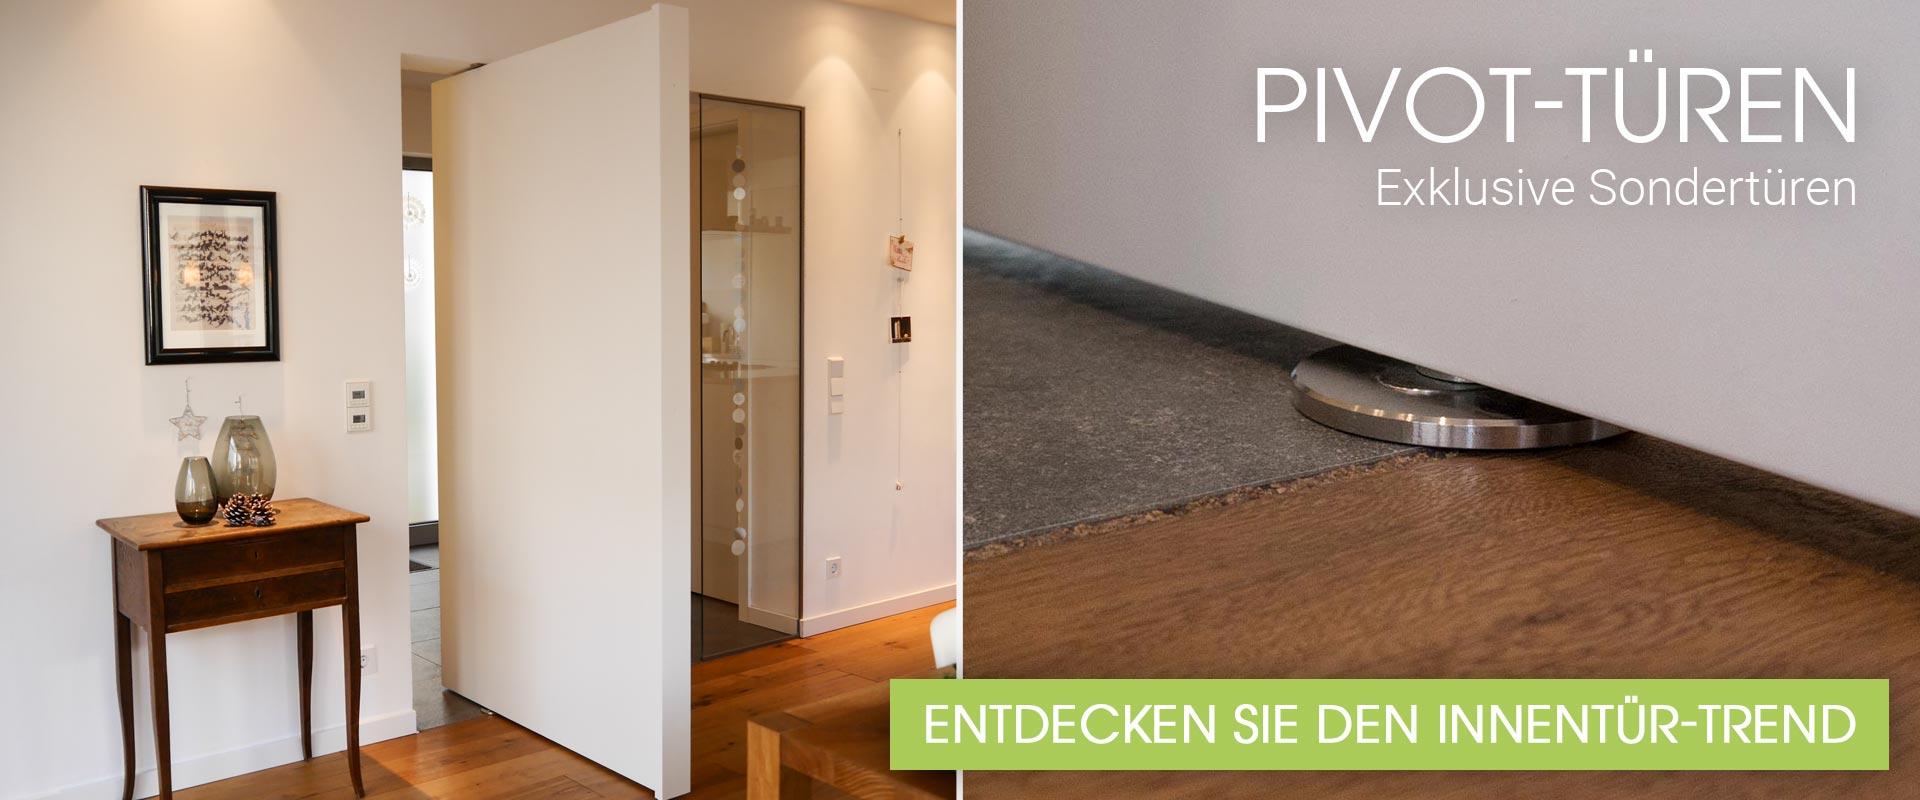 Pivot-Türen - Exklusive Sondertüren